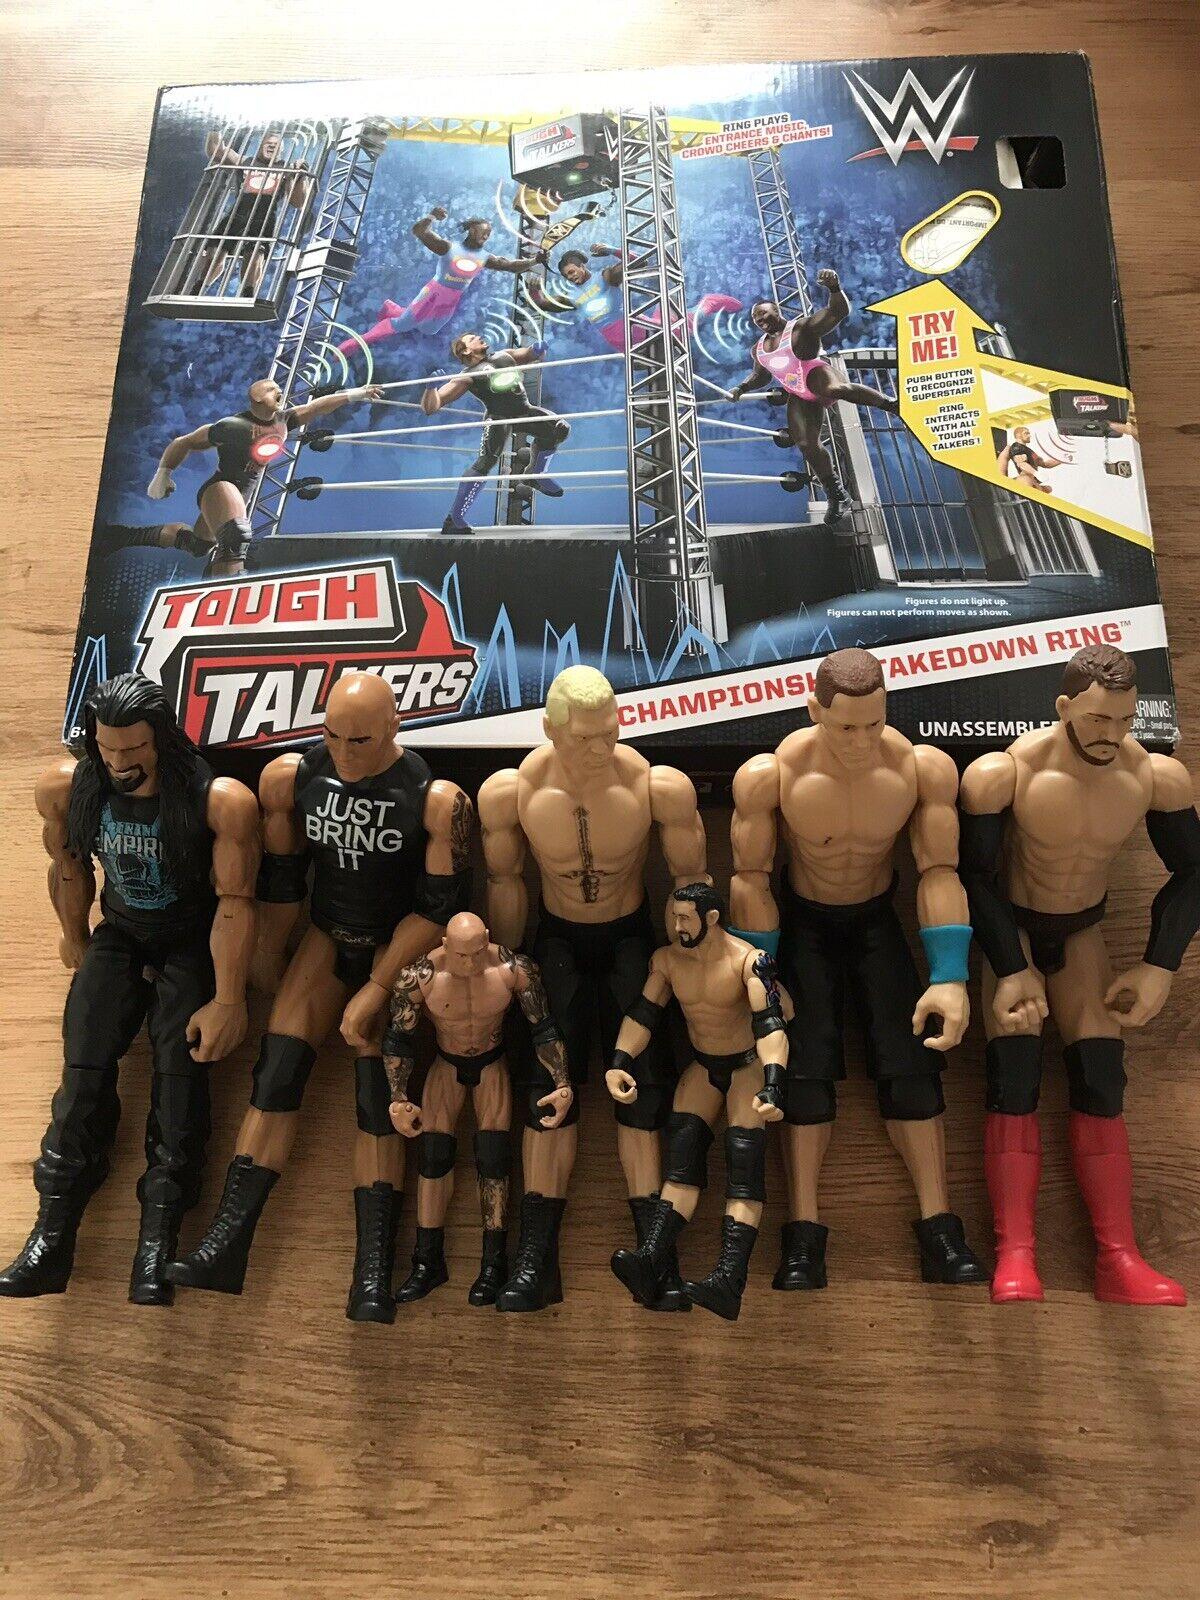 WWE Tough Talkers  Championnat Takedown Anneau et figures Bundle Inutilisé  sortie d'exportation